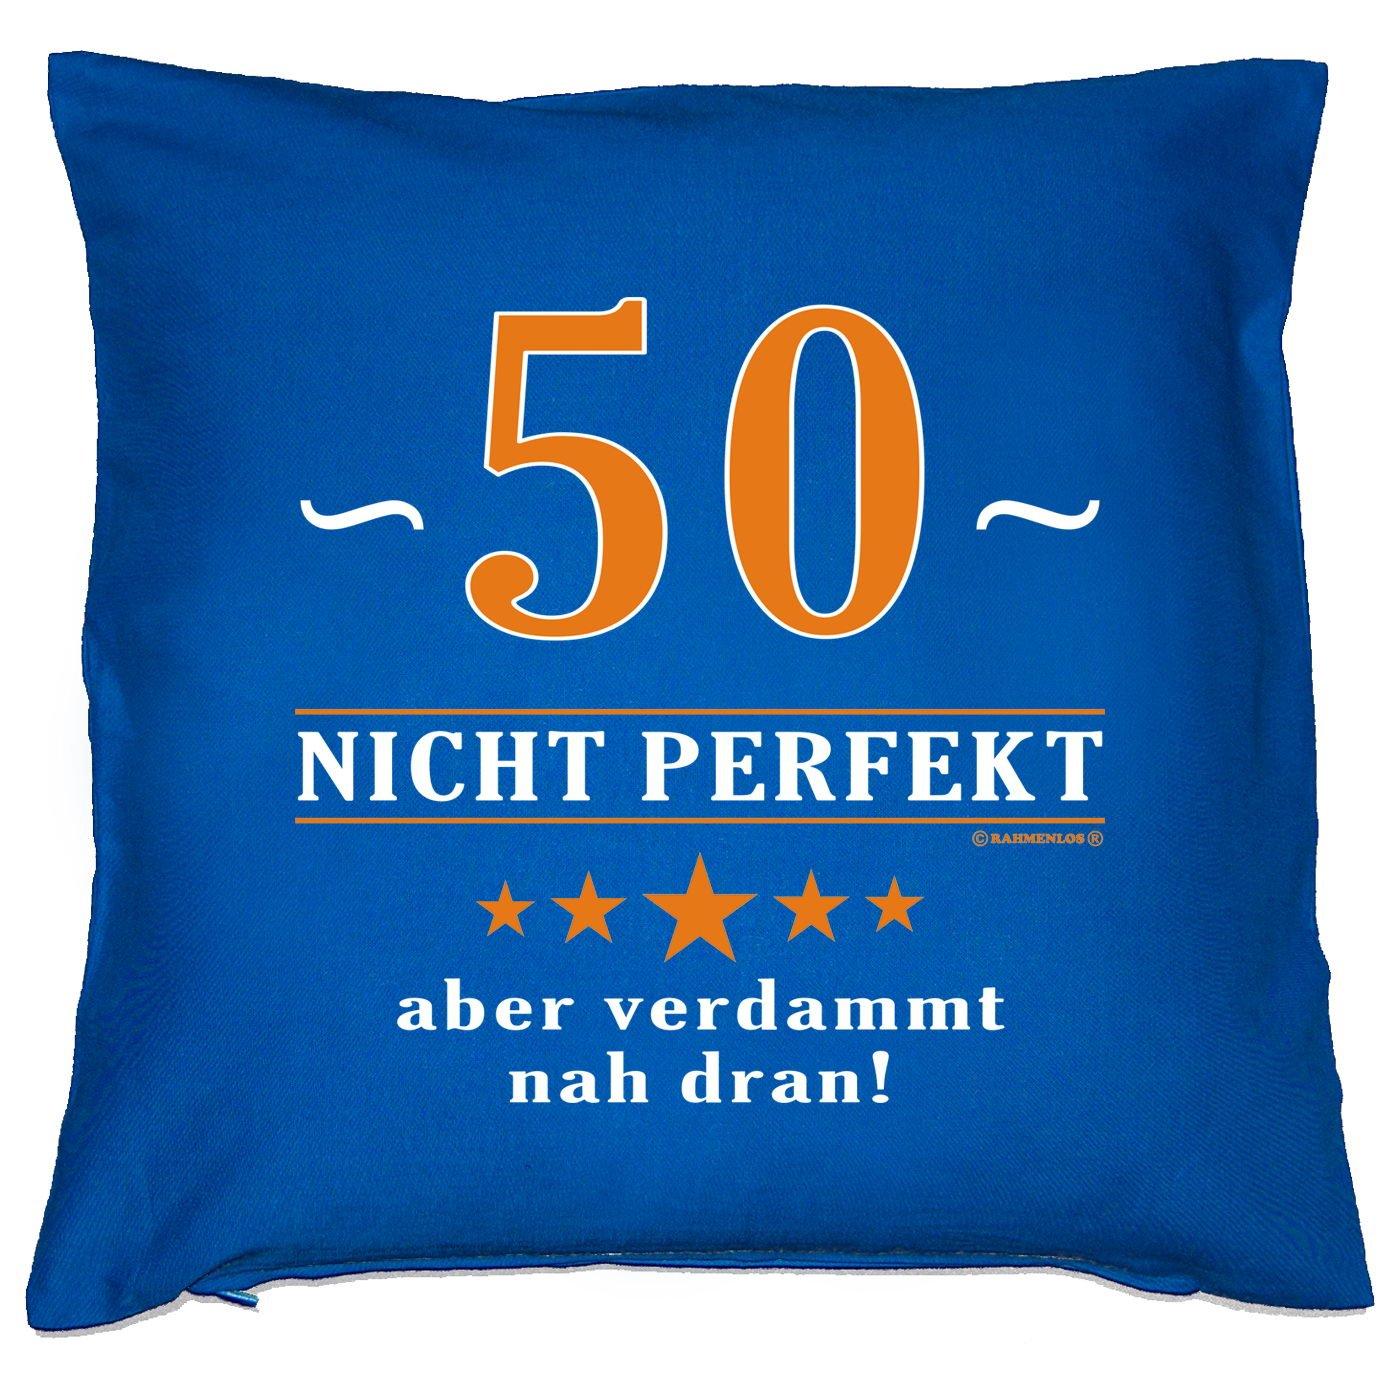 Kissen mit Innenkissen - 50 - nicht perfekt aber verdammt nahe dran! - zum 50. Geburtstag Geschenk - 40 x 40 cm - in royal-blau